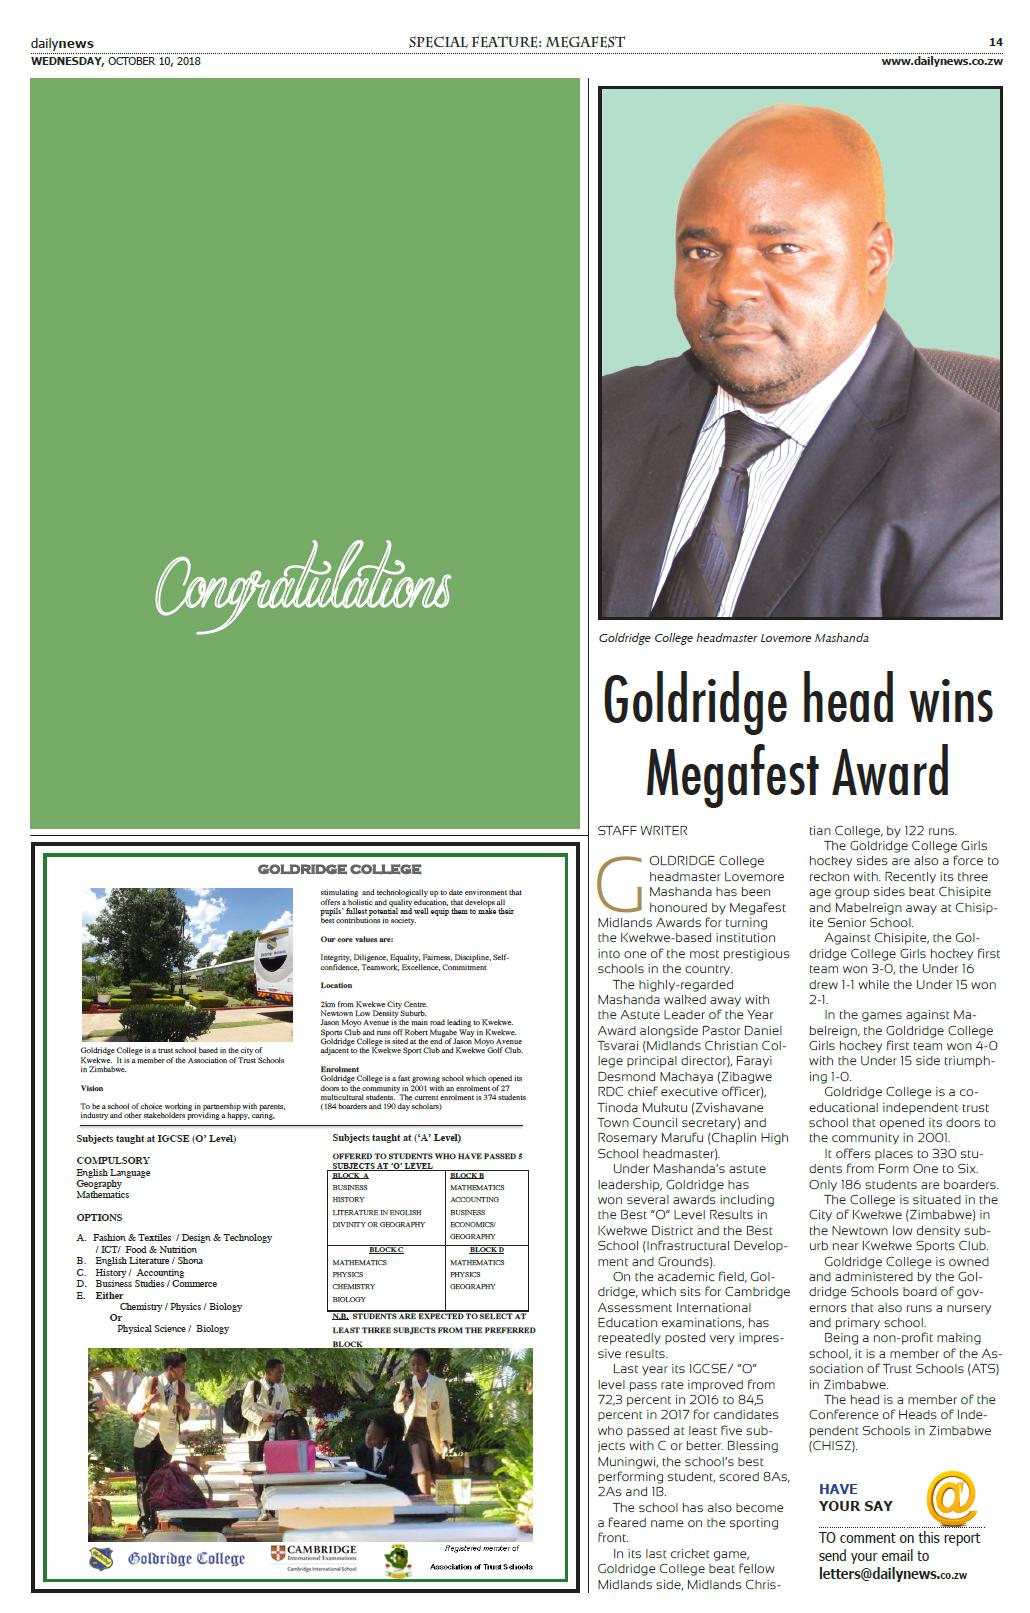 MegaFest Award | Goldridge College | Zimbabwe (Kwekwe)